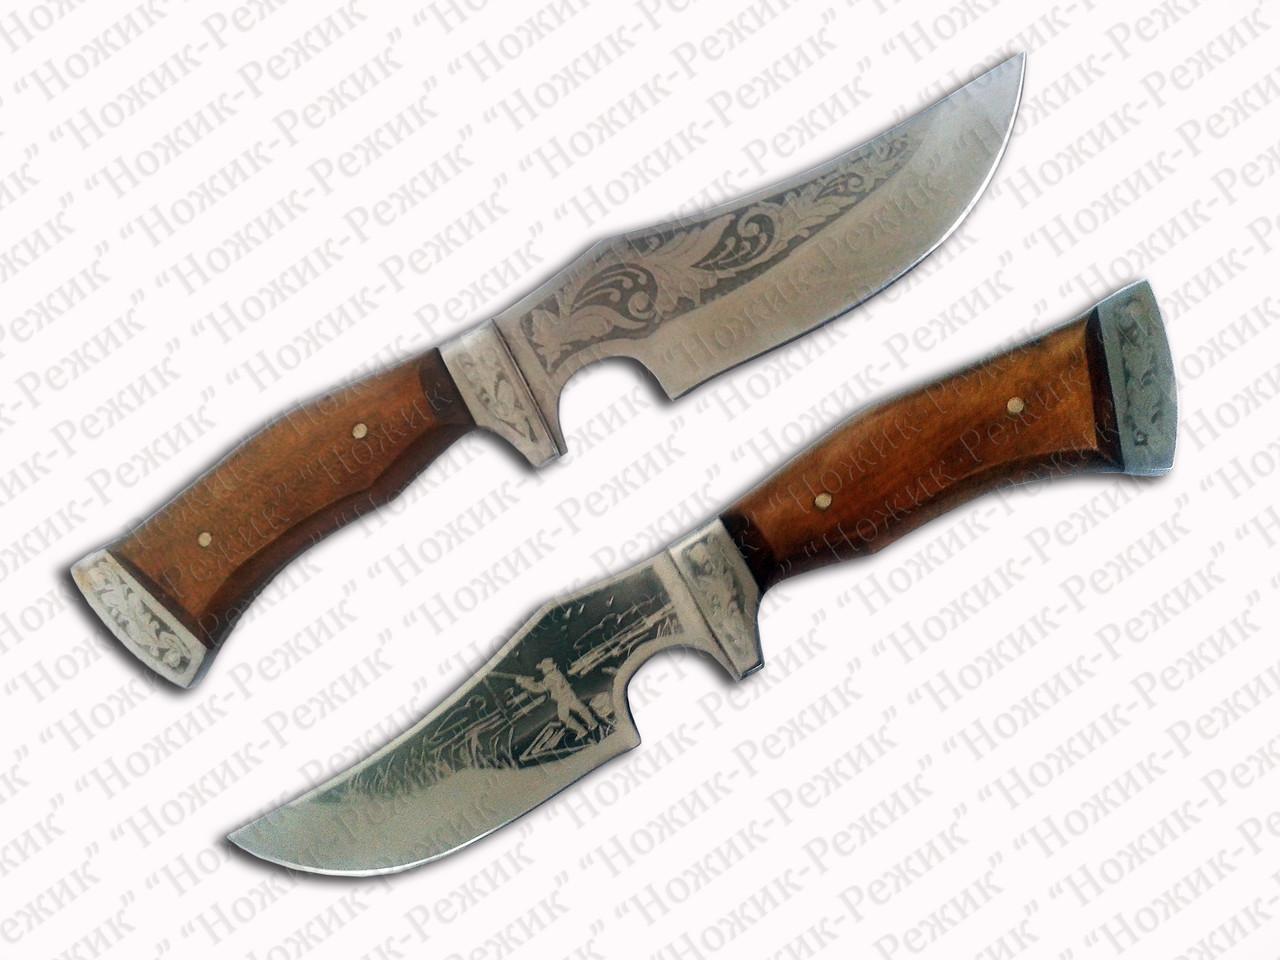 Рыбацкий нож, нож для рыбака, рыболовный нож, шкуродёр, нож для снятия шкуры